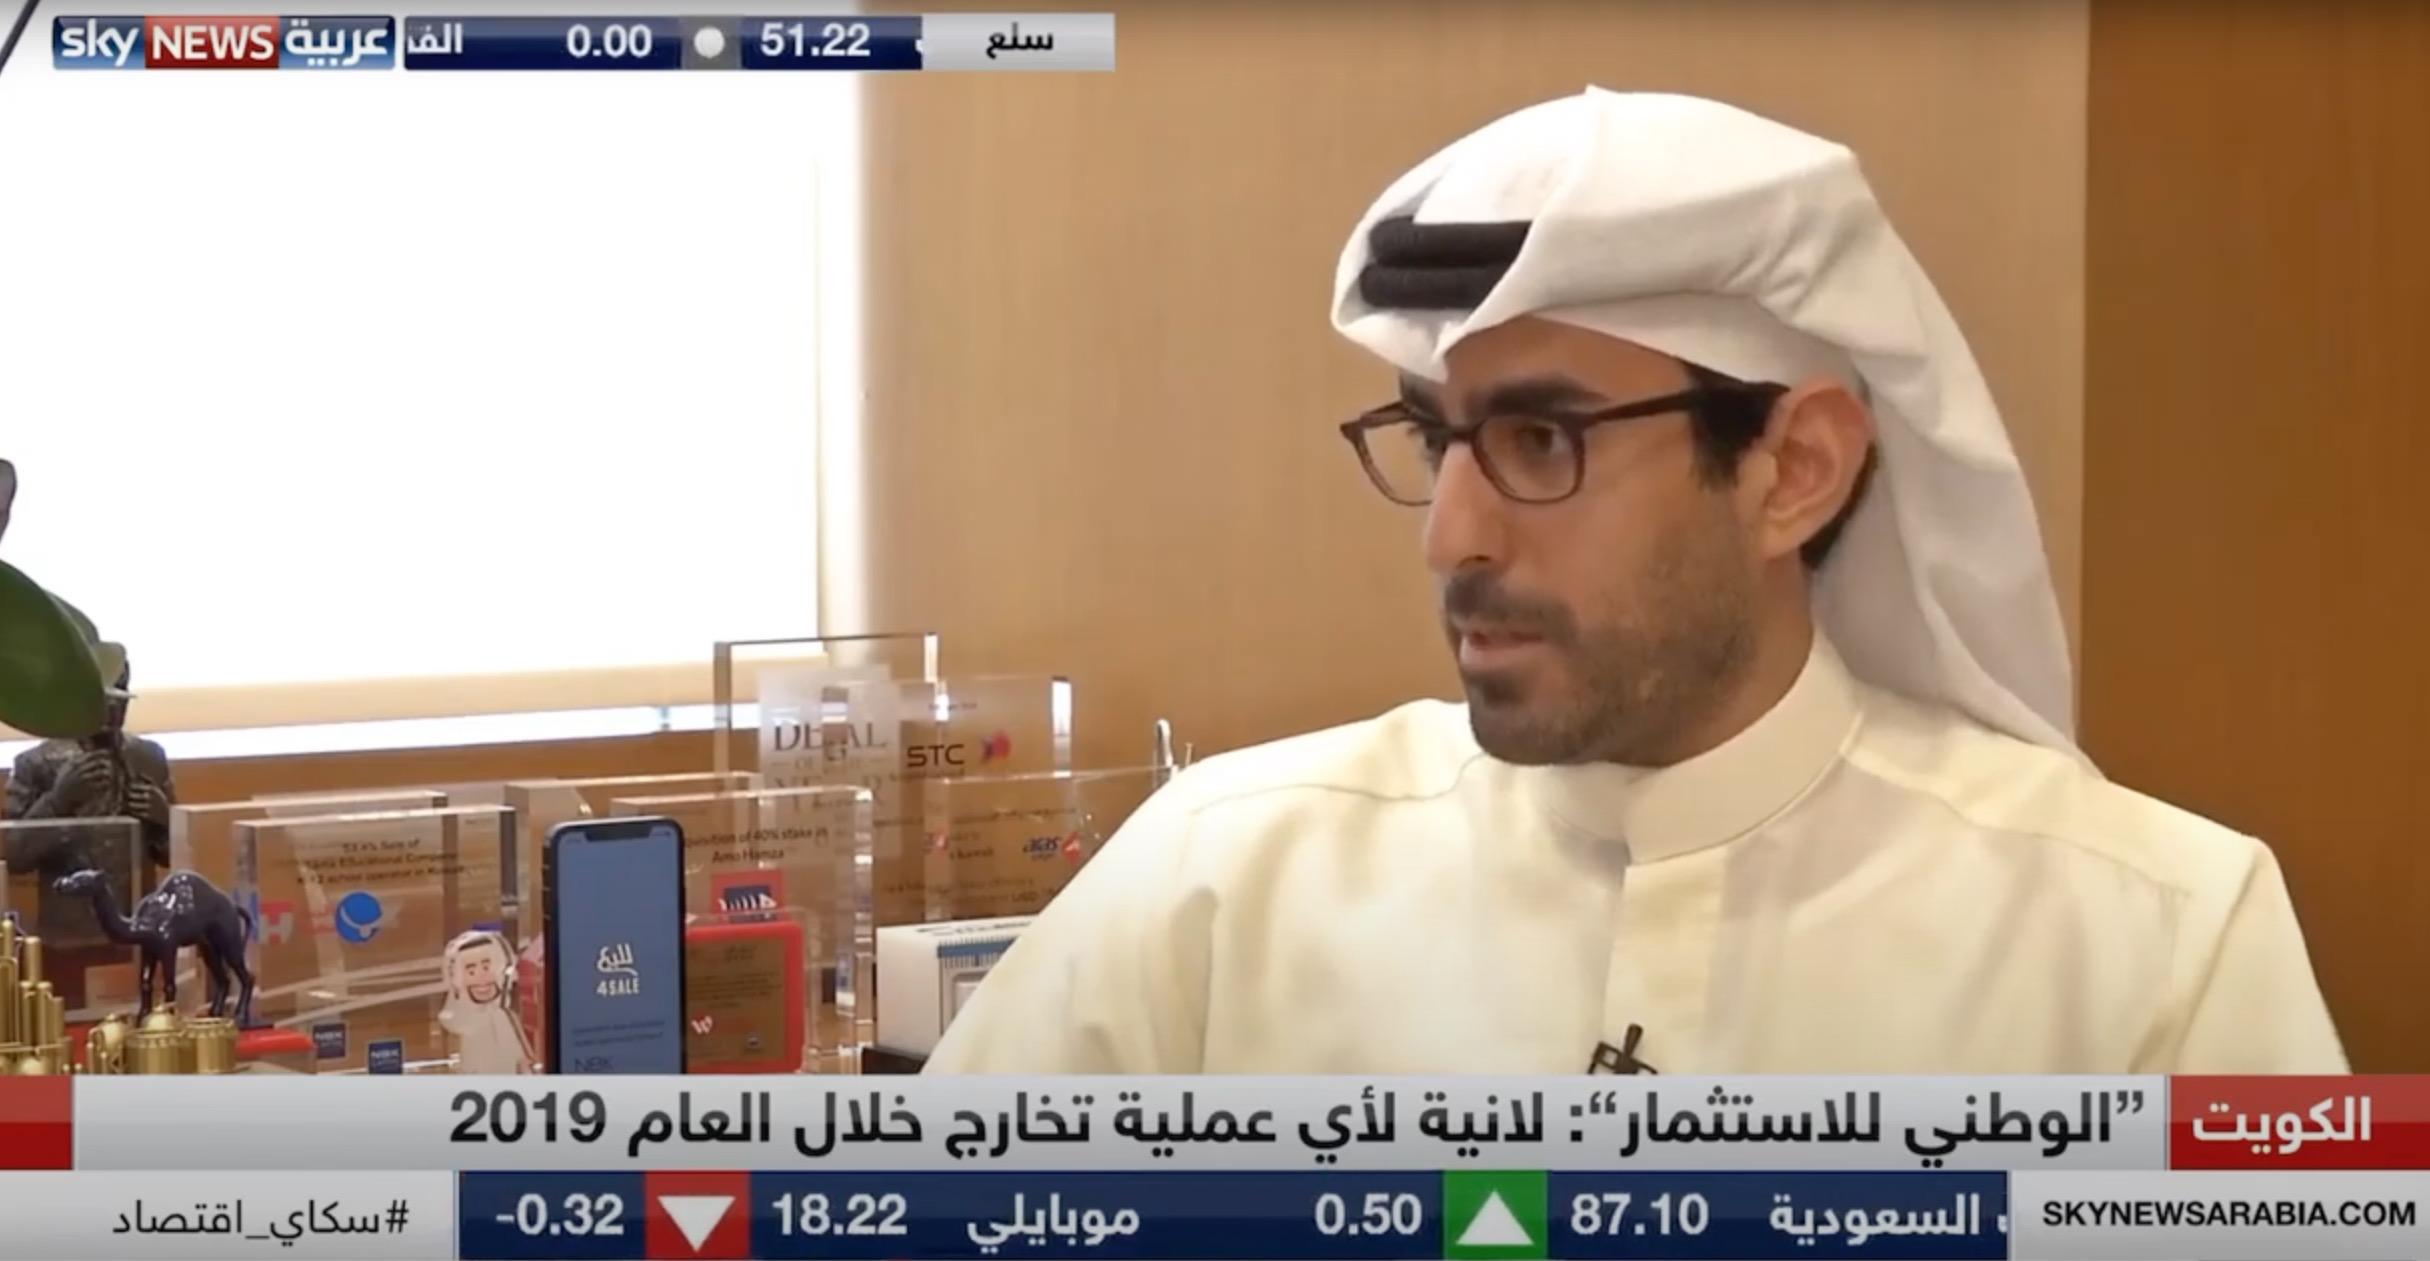 مقابلة الرئيس التنفيذي لشركة الوطني للاستثمار فيصل عبداللطيف الحمد على قناة سكاي نيوز – عربية